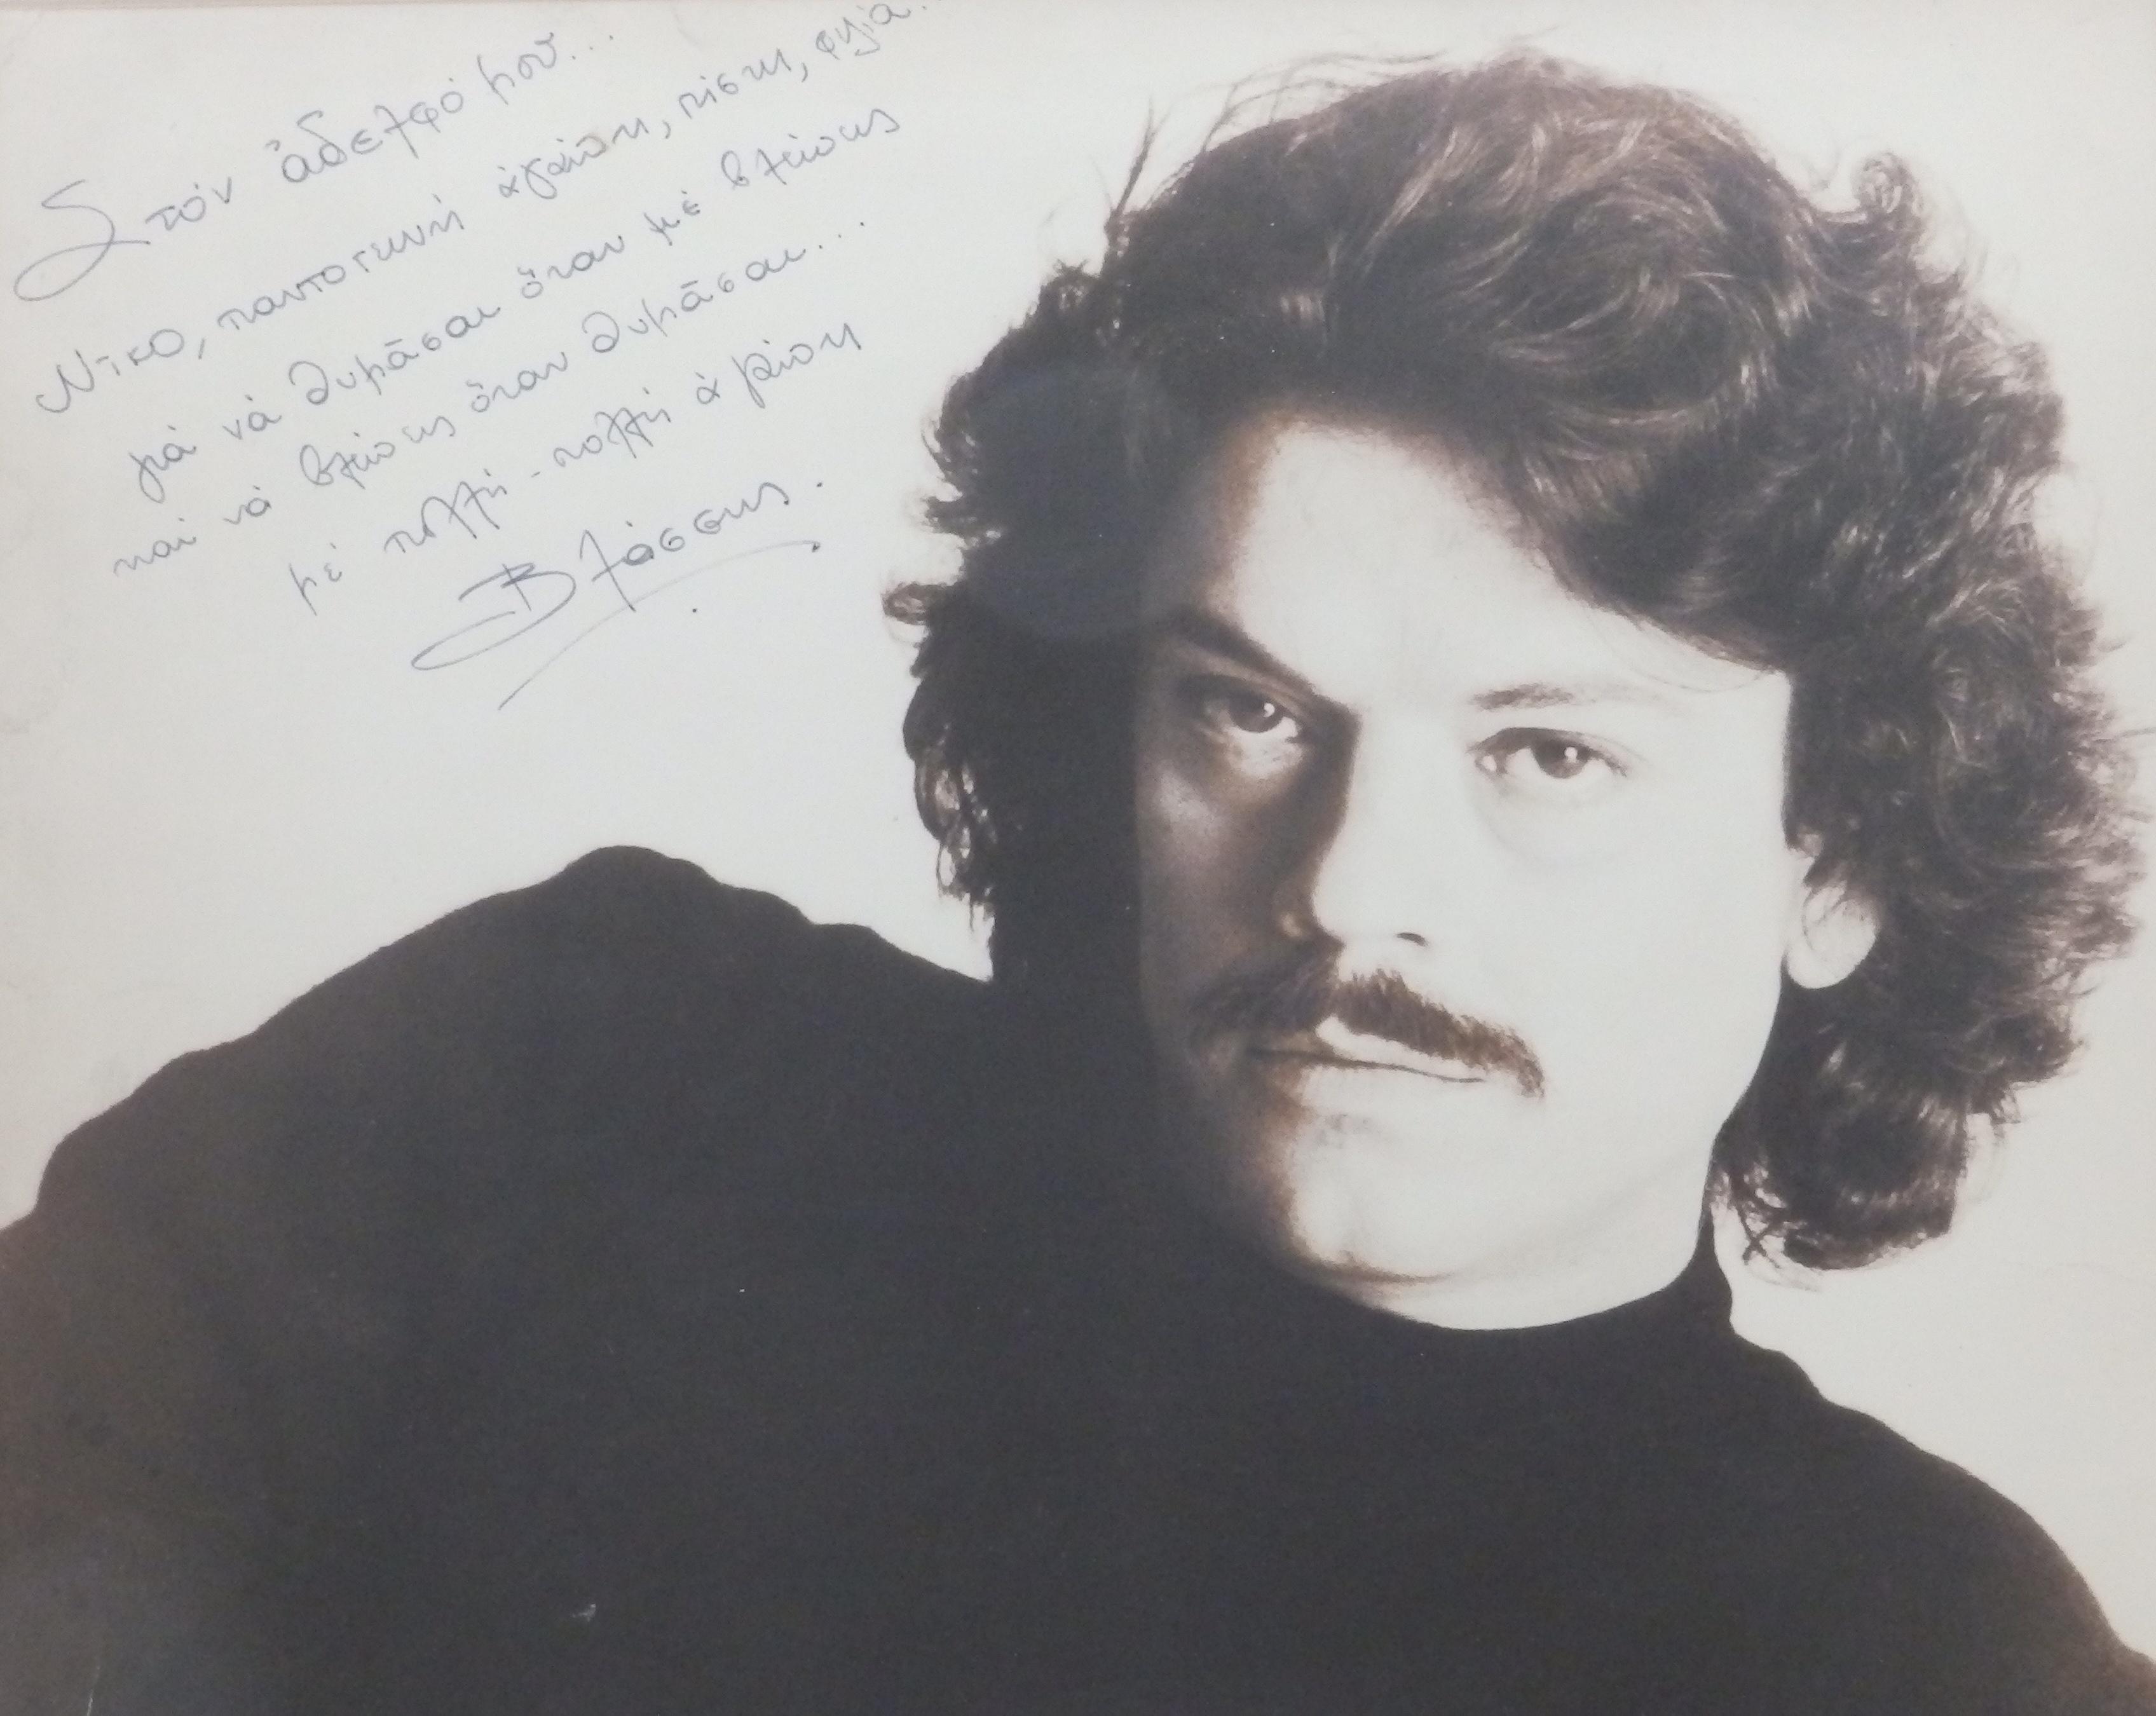 Βλάσσης Μπονάτσος, Νίκος Μουρατίδης